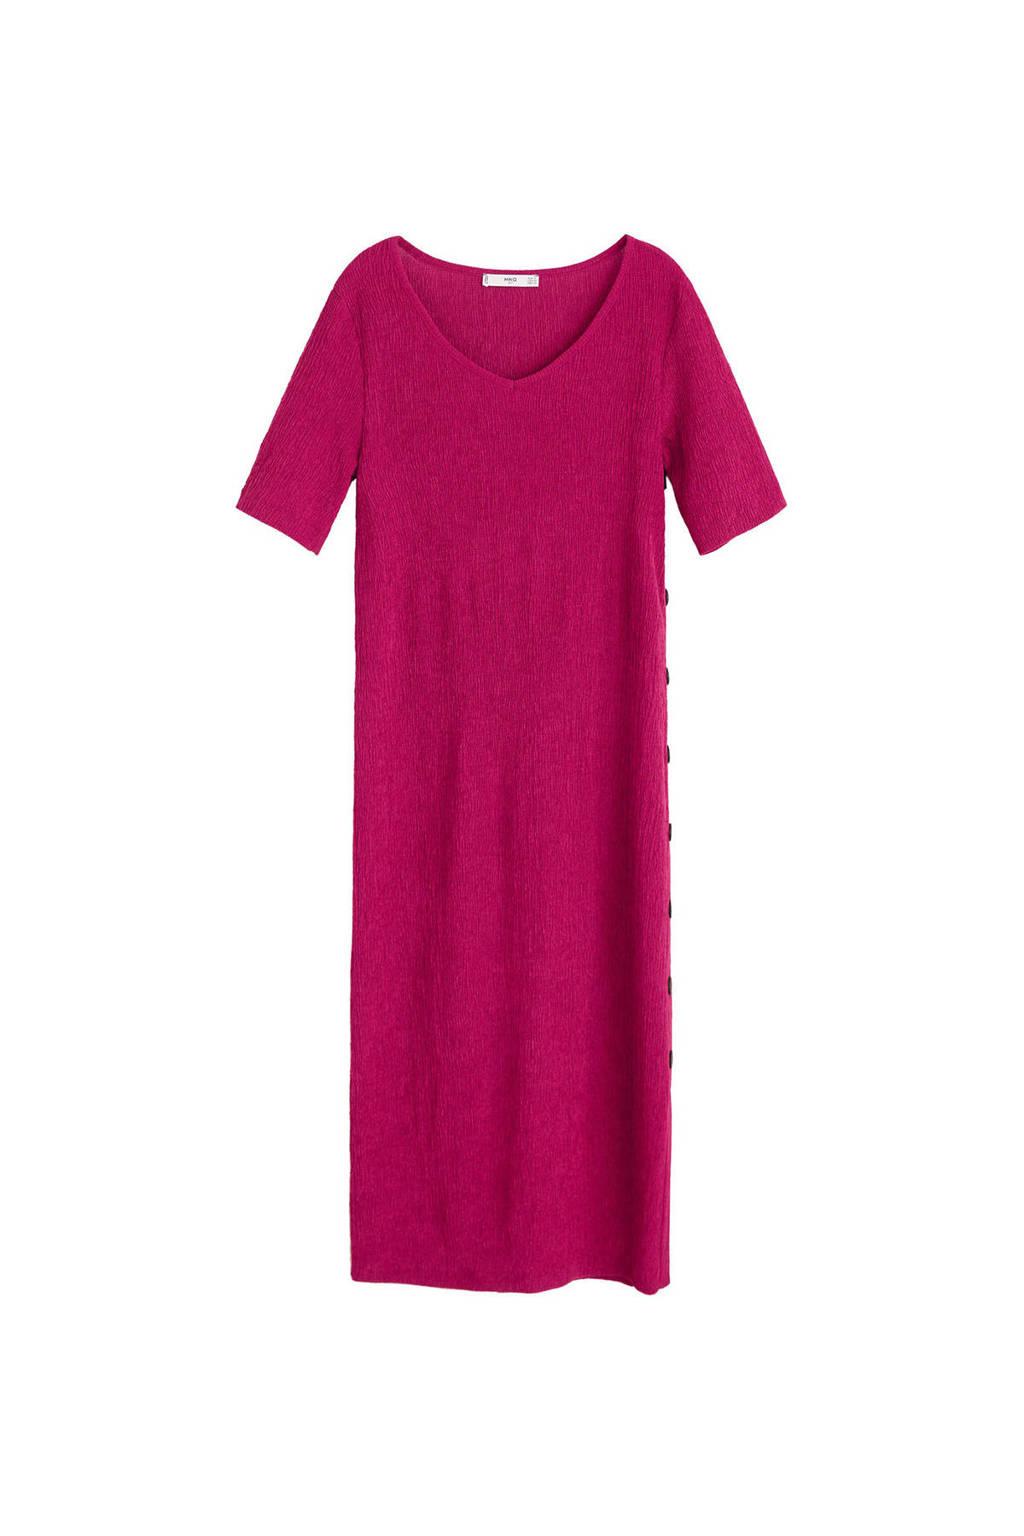 Mango jurk roze, Roze